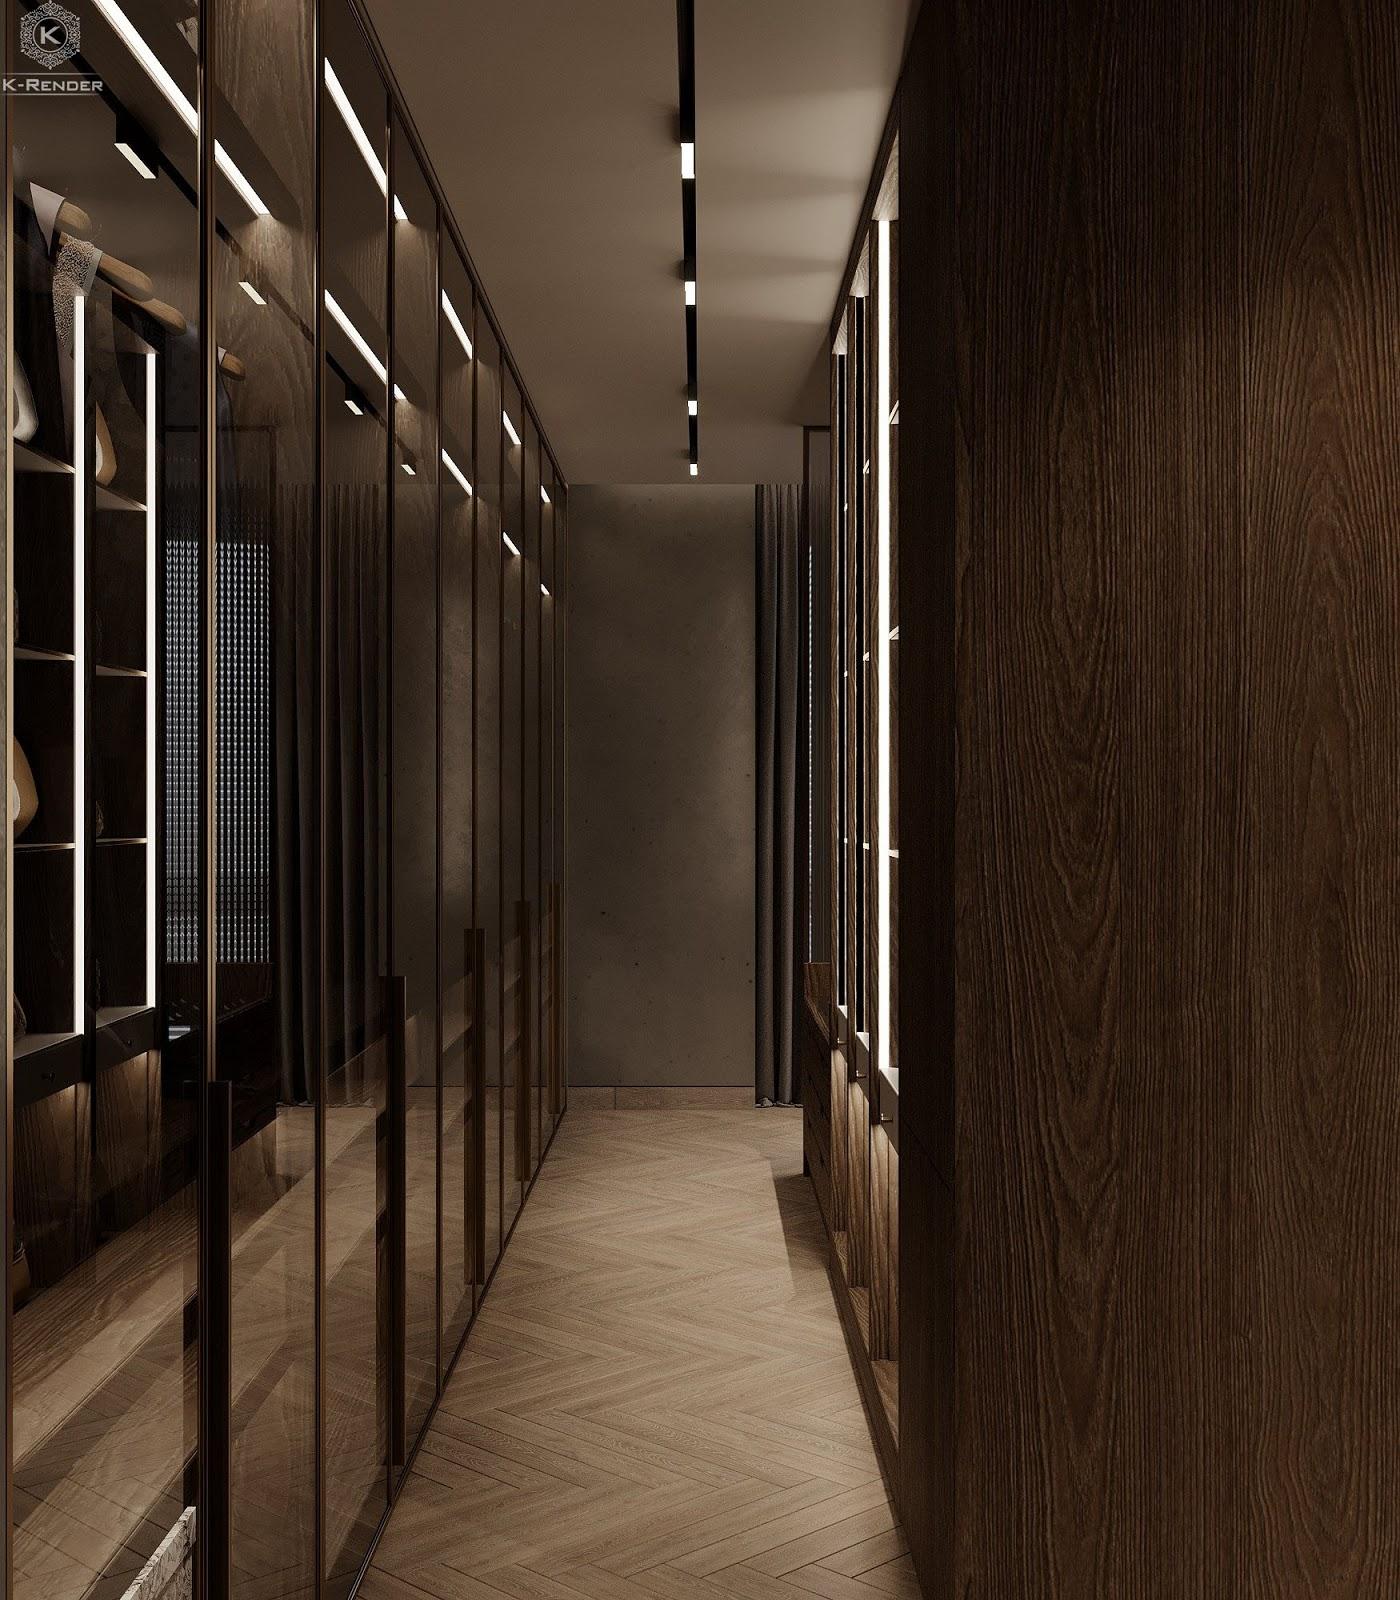 KRender-Studio-3d-rendering-products-1